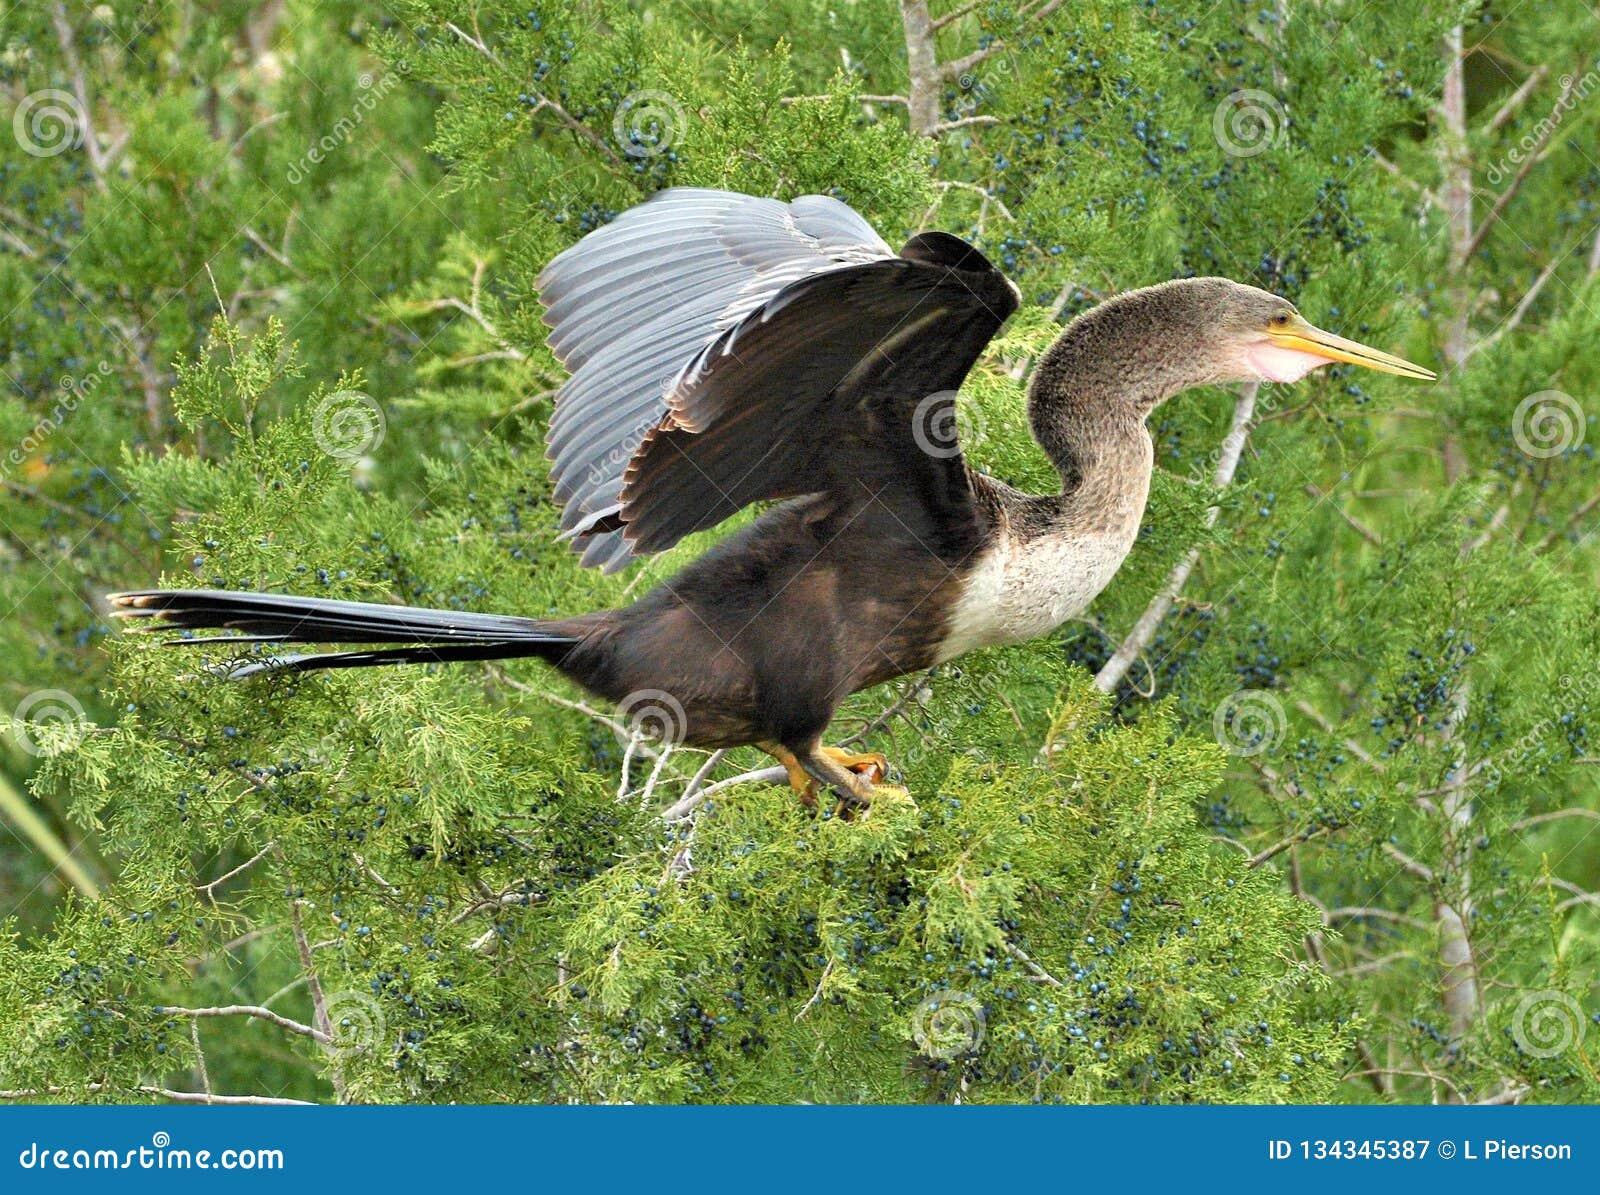 Der Anhinga lässt andere Vögel zu und wird häufig in Mischbrutkolonien mit Reihern, Ibises und Kormoranen gefunden